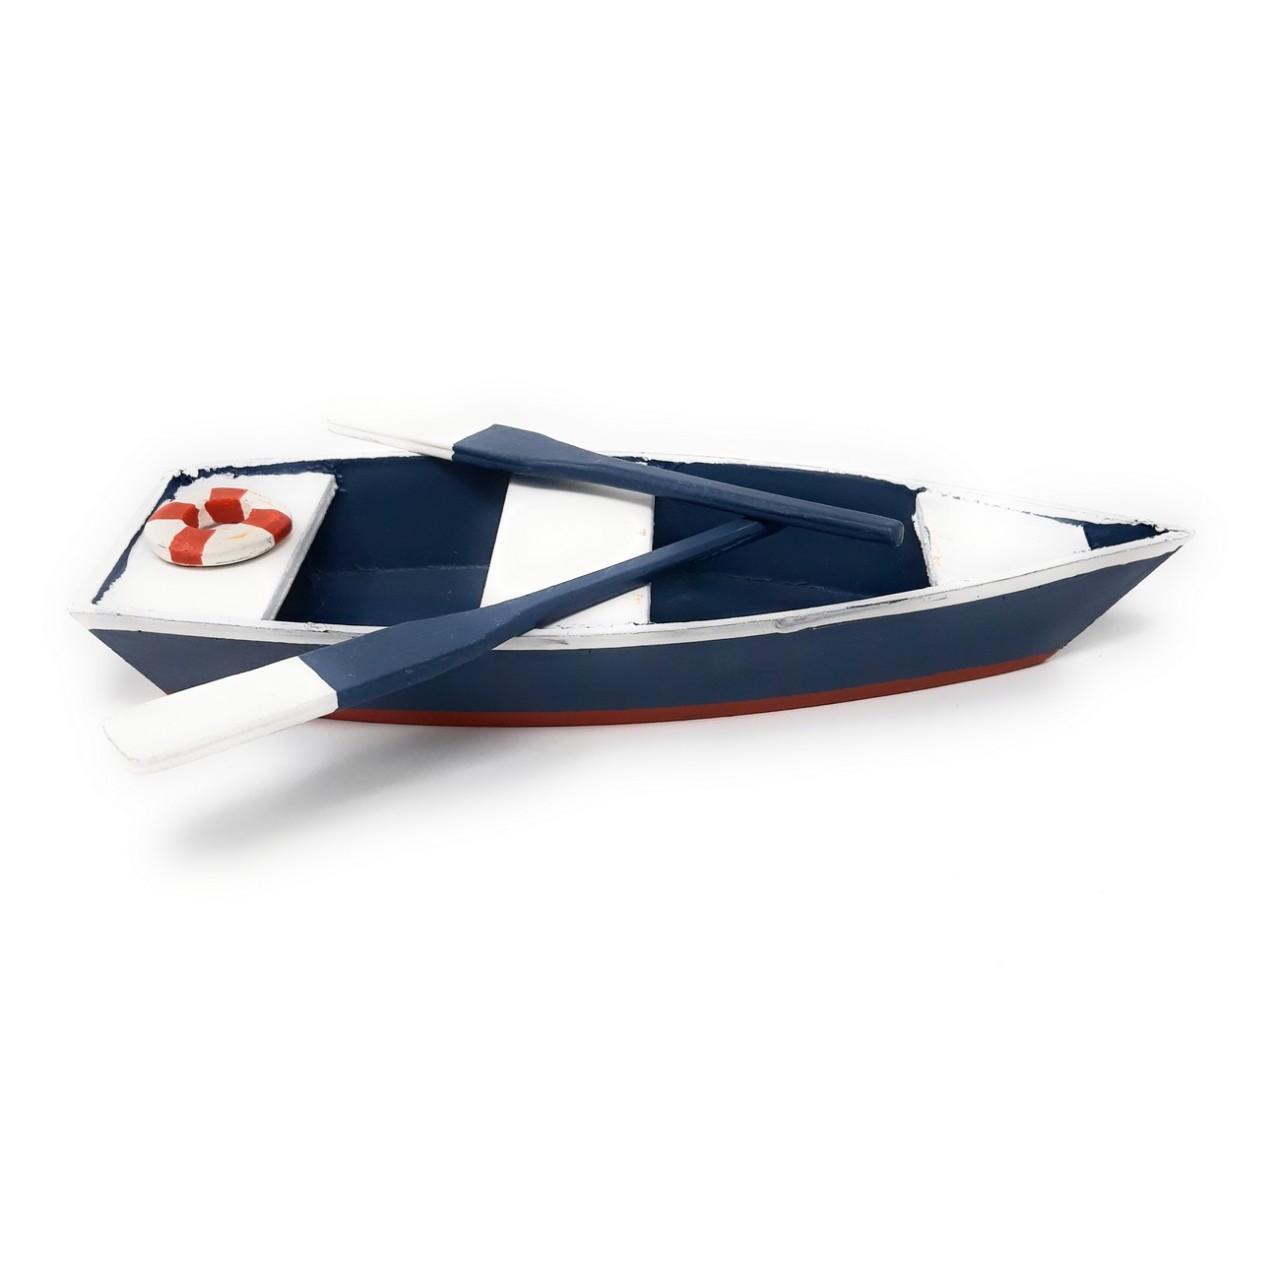 30cm Holz mit Licht weiß blau Formano 18cm H Dekoobjekt Segelboot Schiff L